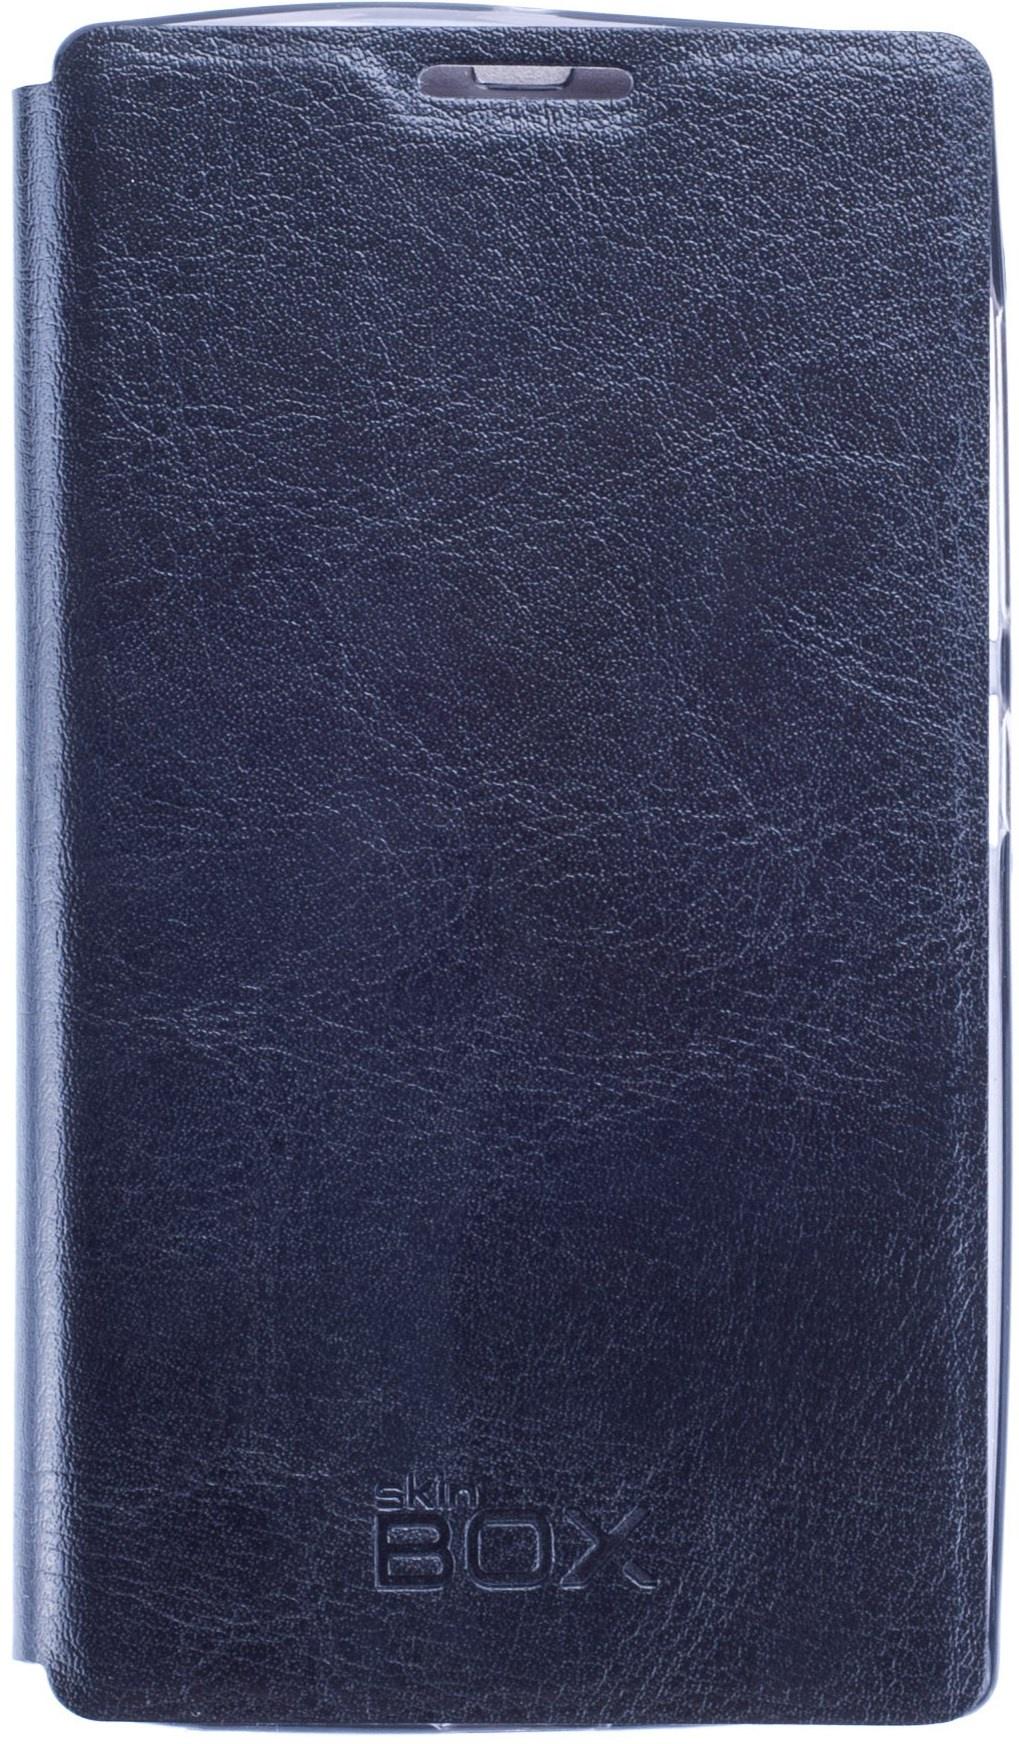 Чехол для сотового телефона skinBOX Lux, 4630042525559, черный